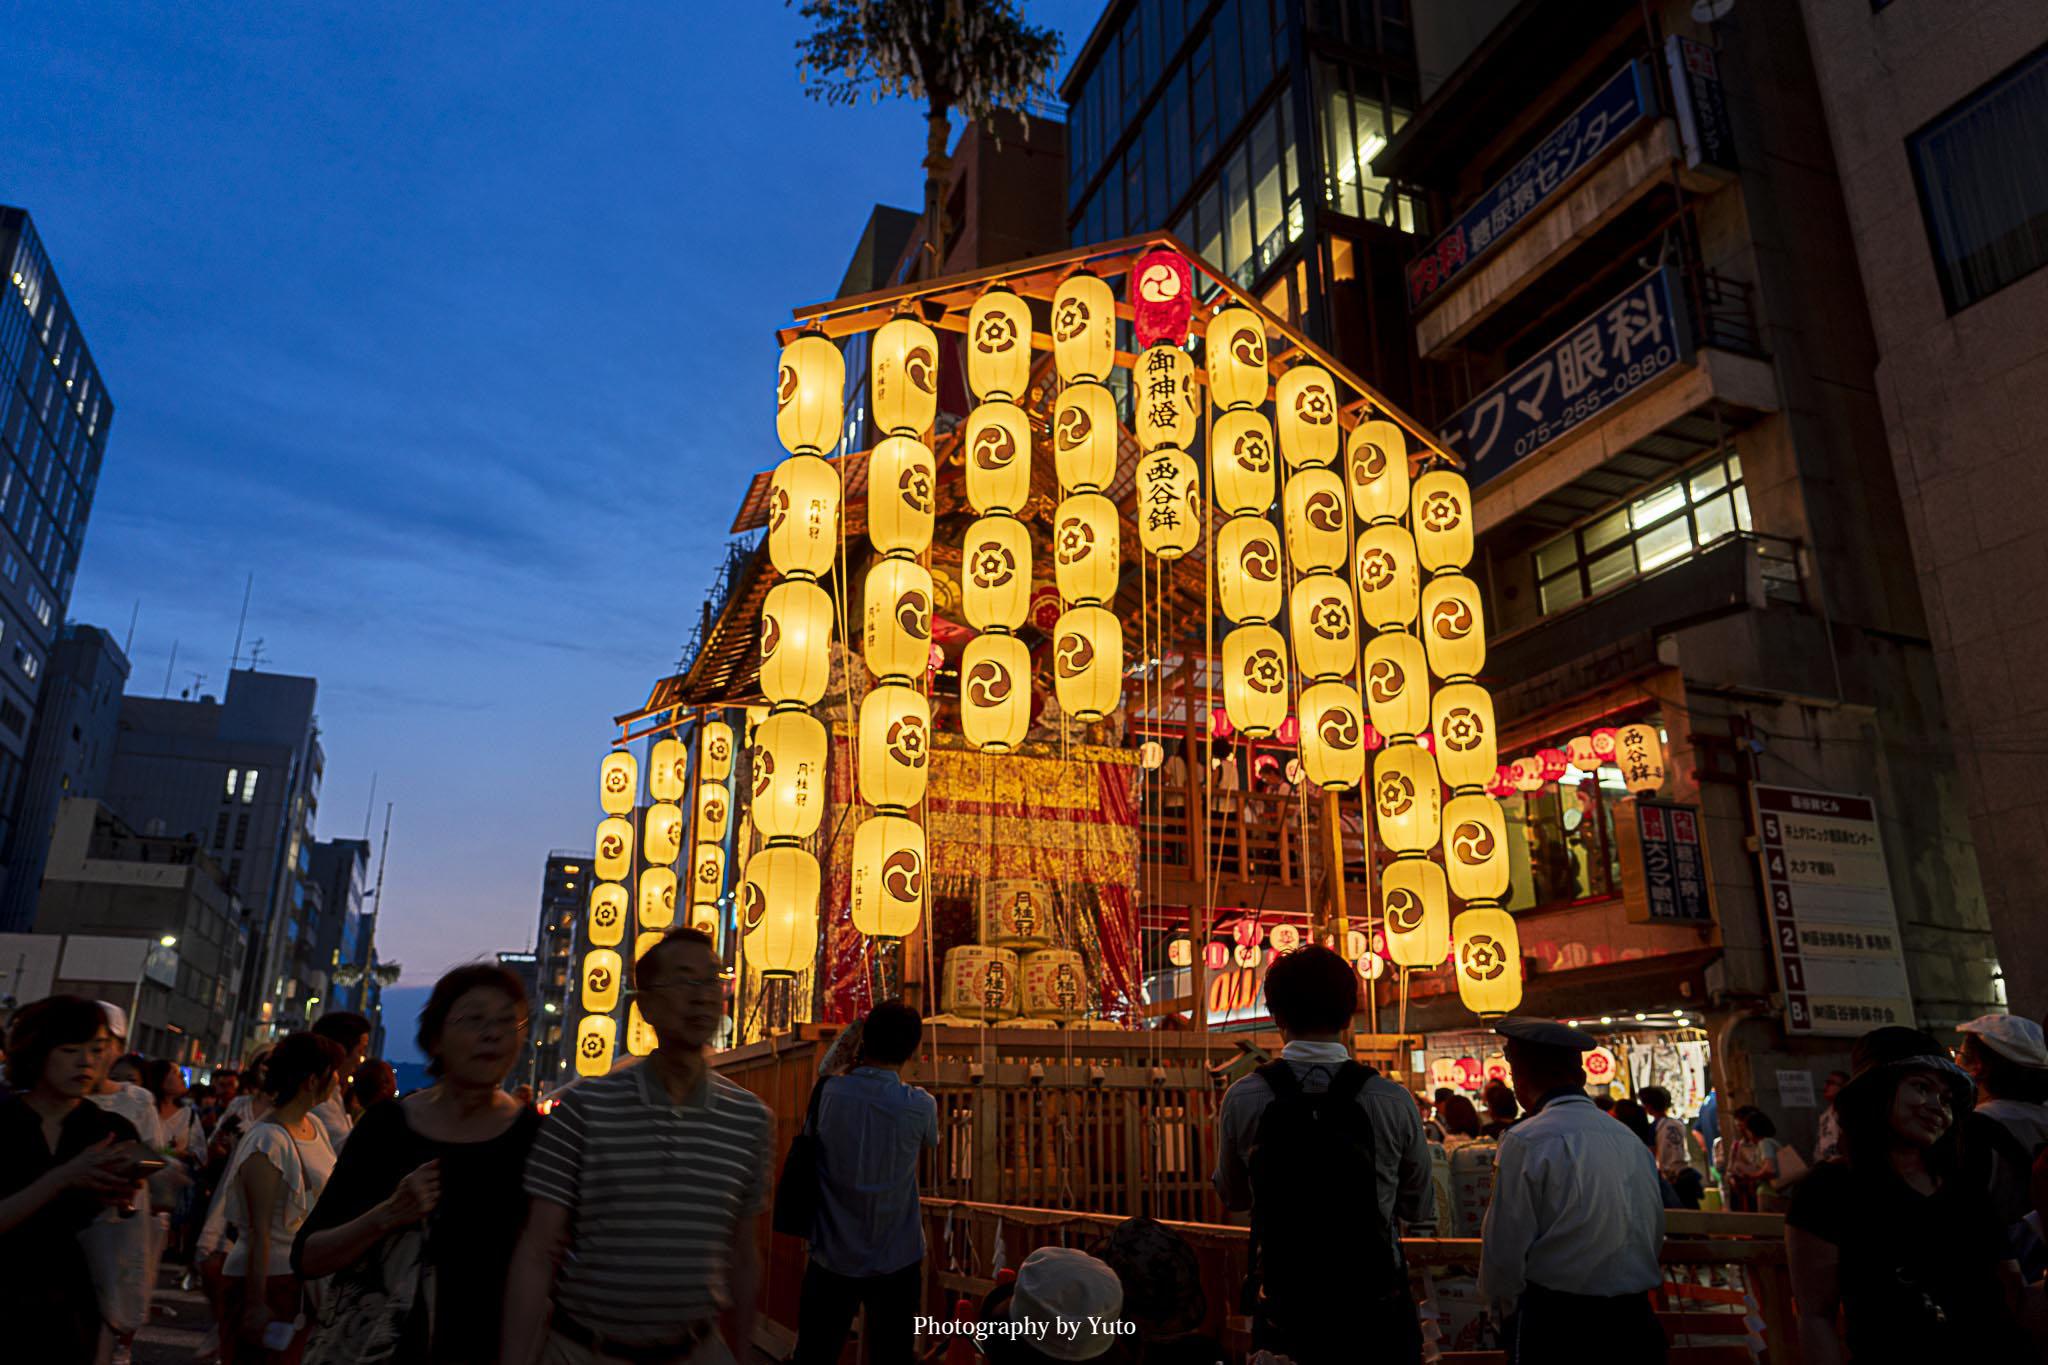 京都 祇園祭(宵山)を手持ち撮影してきた